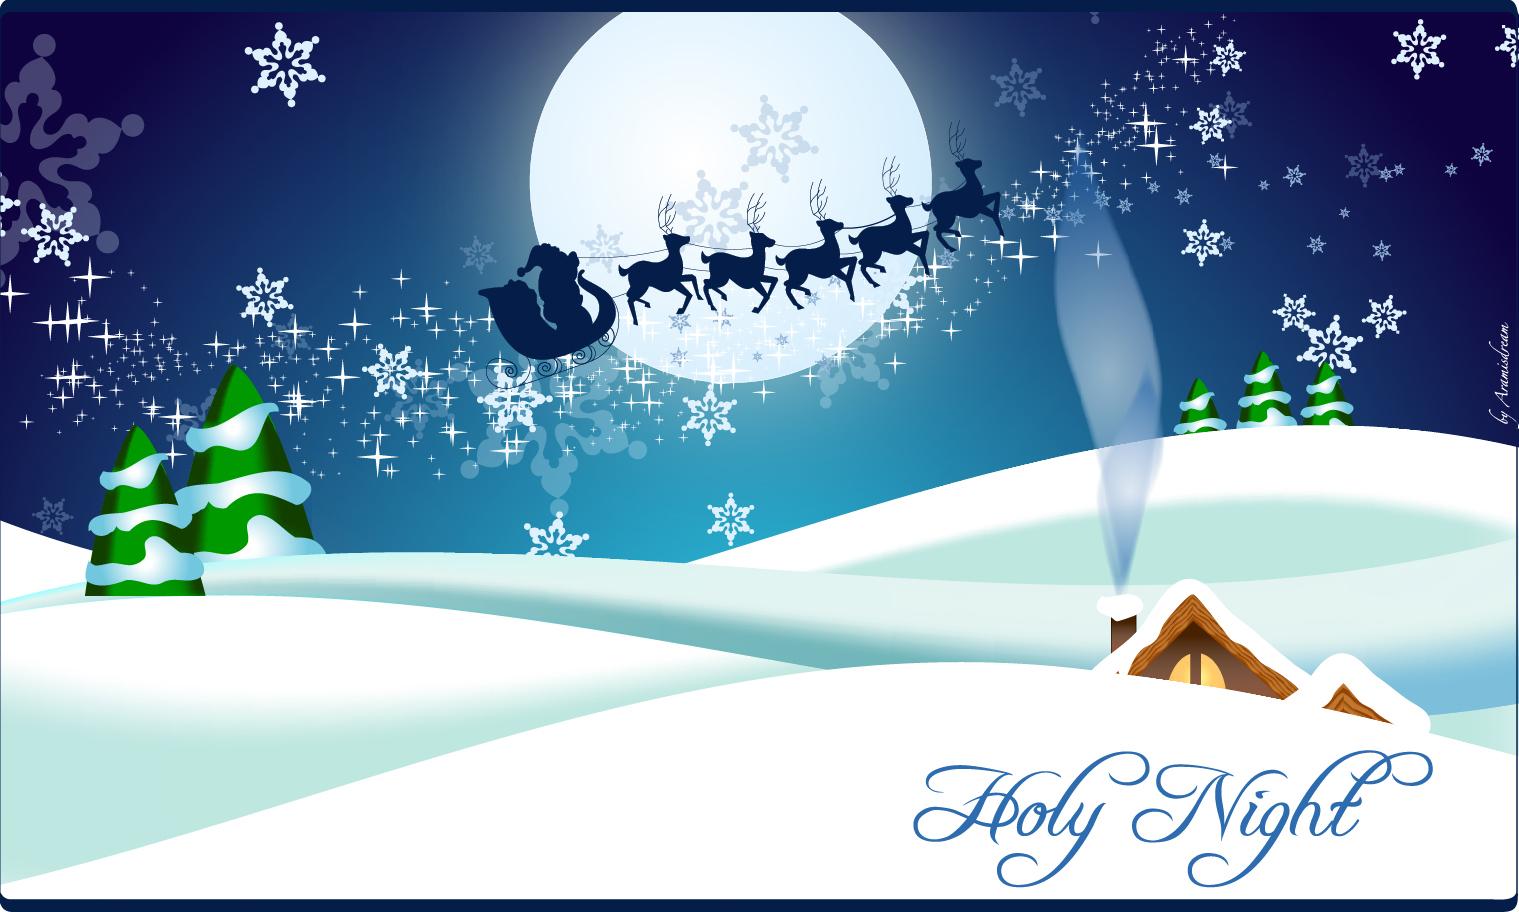 カード クリスマスカード 素材 テンプレート : Free Vector がらくた素材庫: 聖夜 ...